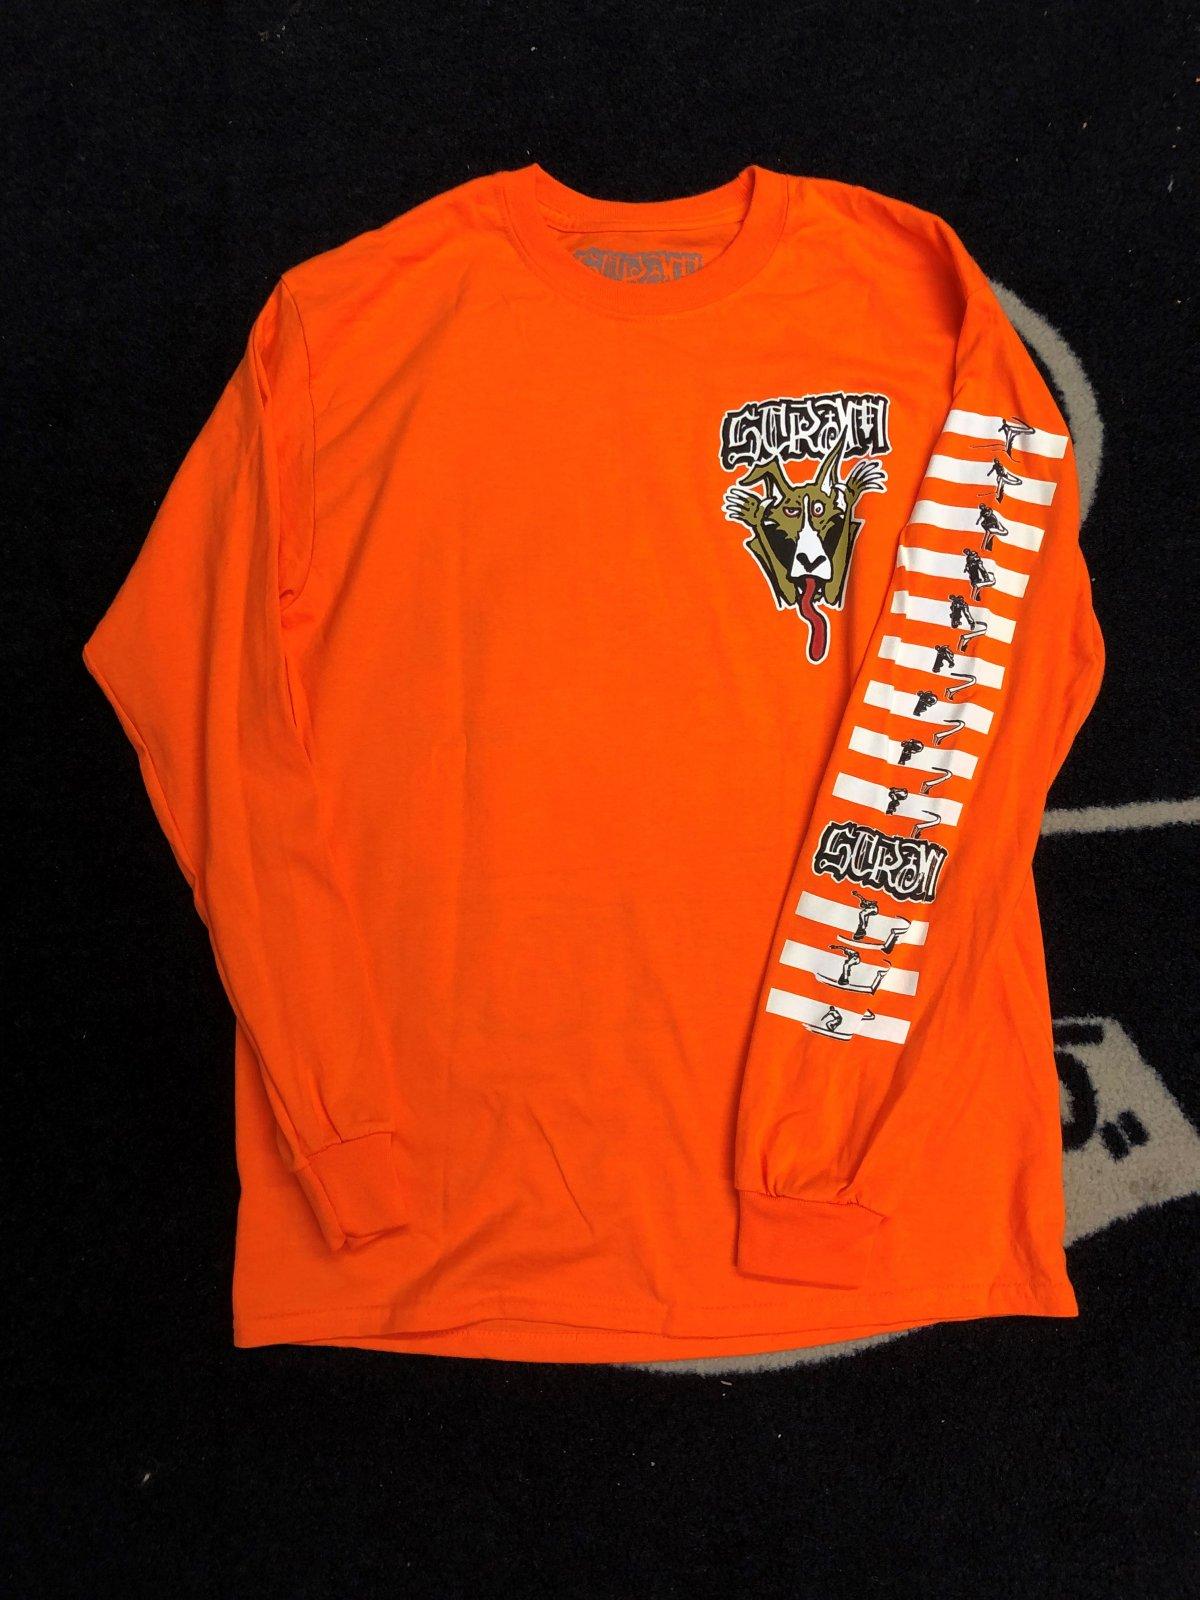 Scram Keenan l/s shirt orange